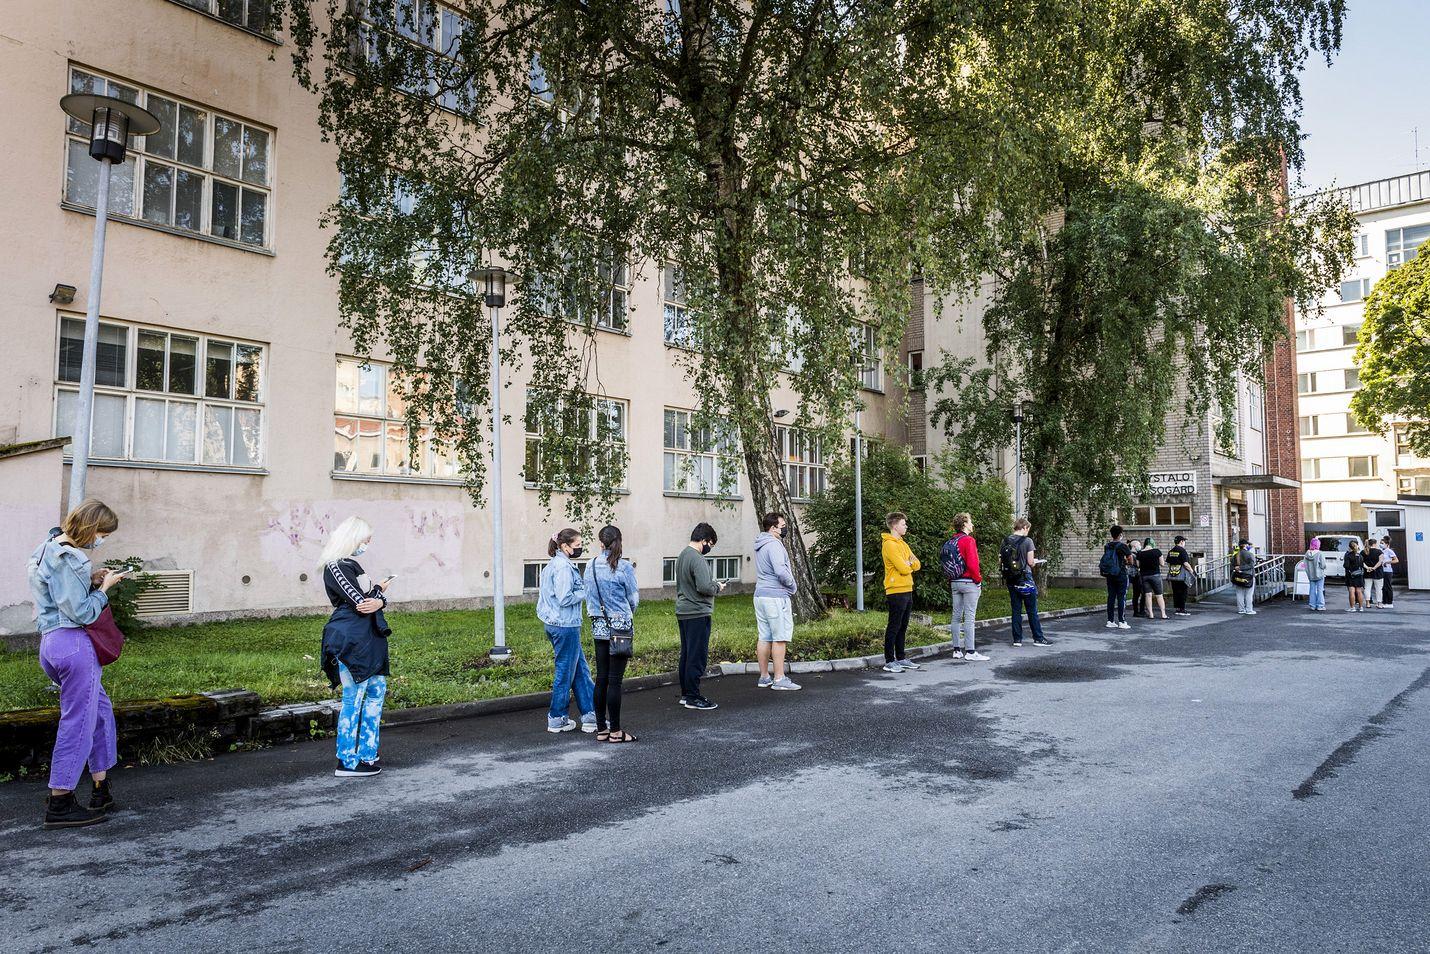 Opiskelijat jonottivat pop up -rokotukseen elokuussa Turussa. Turun yliopistollisessa sairaalassa peräti 60 prosenttia koronapotilaista on ollut syyskuussa maahanmuuttajia.